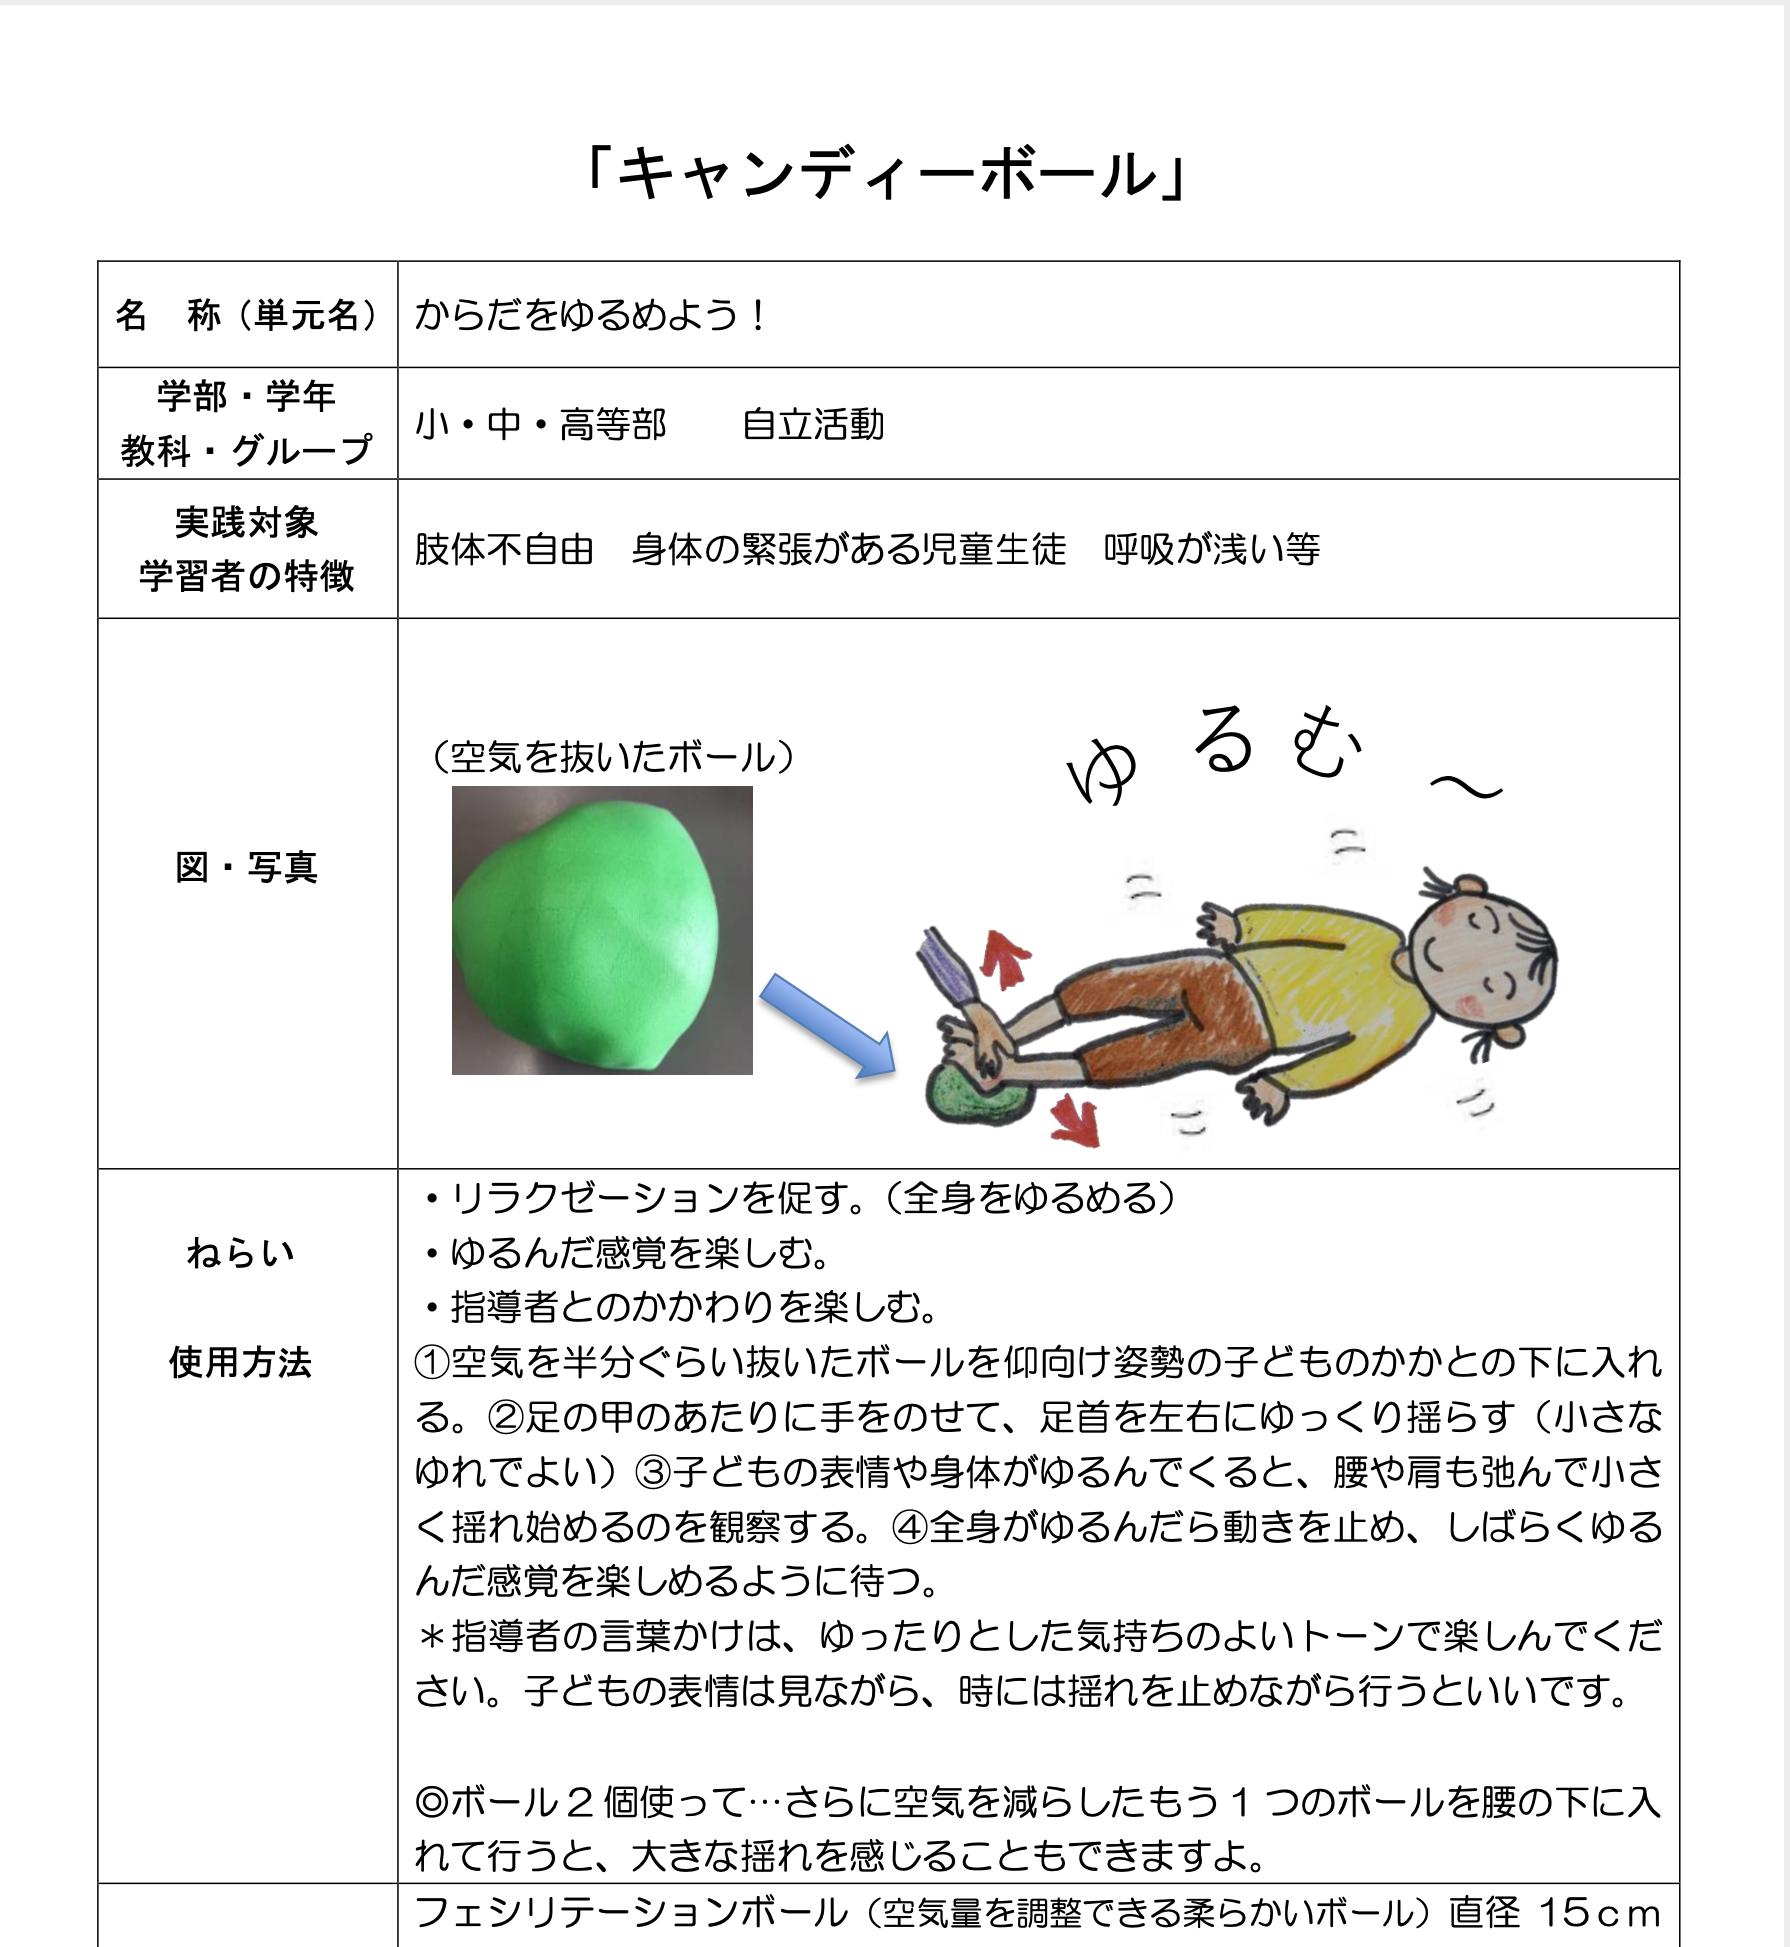 【教材紹介:キャンディーボール】空気を抜いたボールでのリラクゼーションの課題